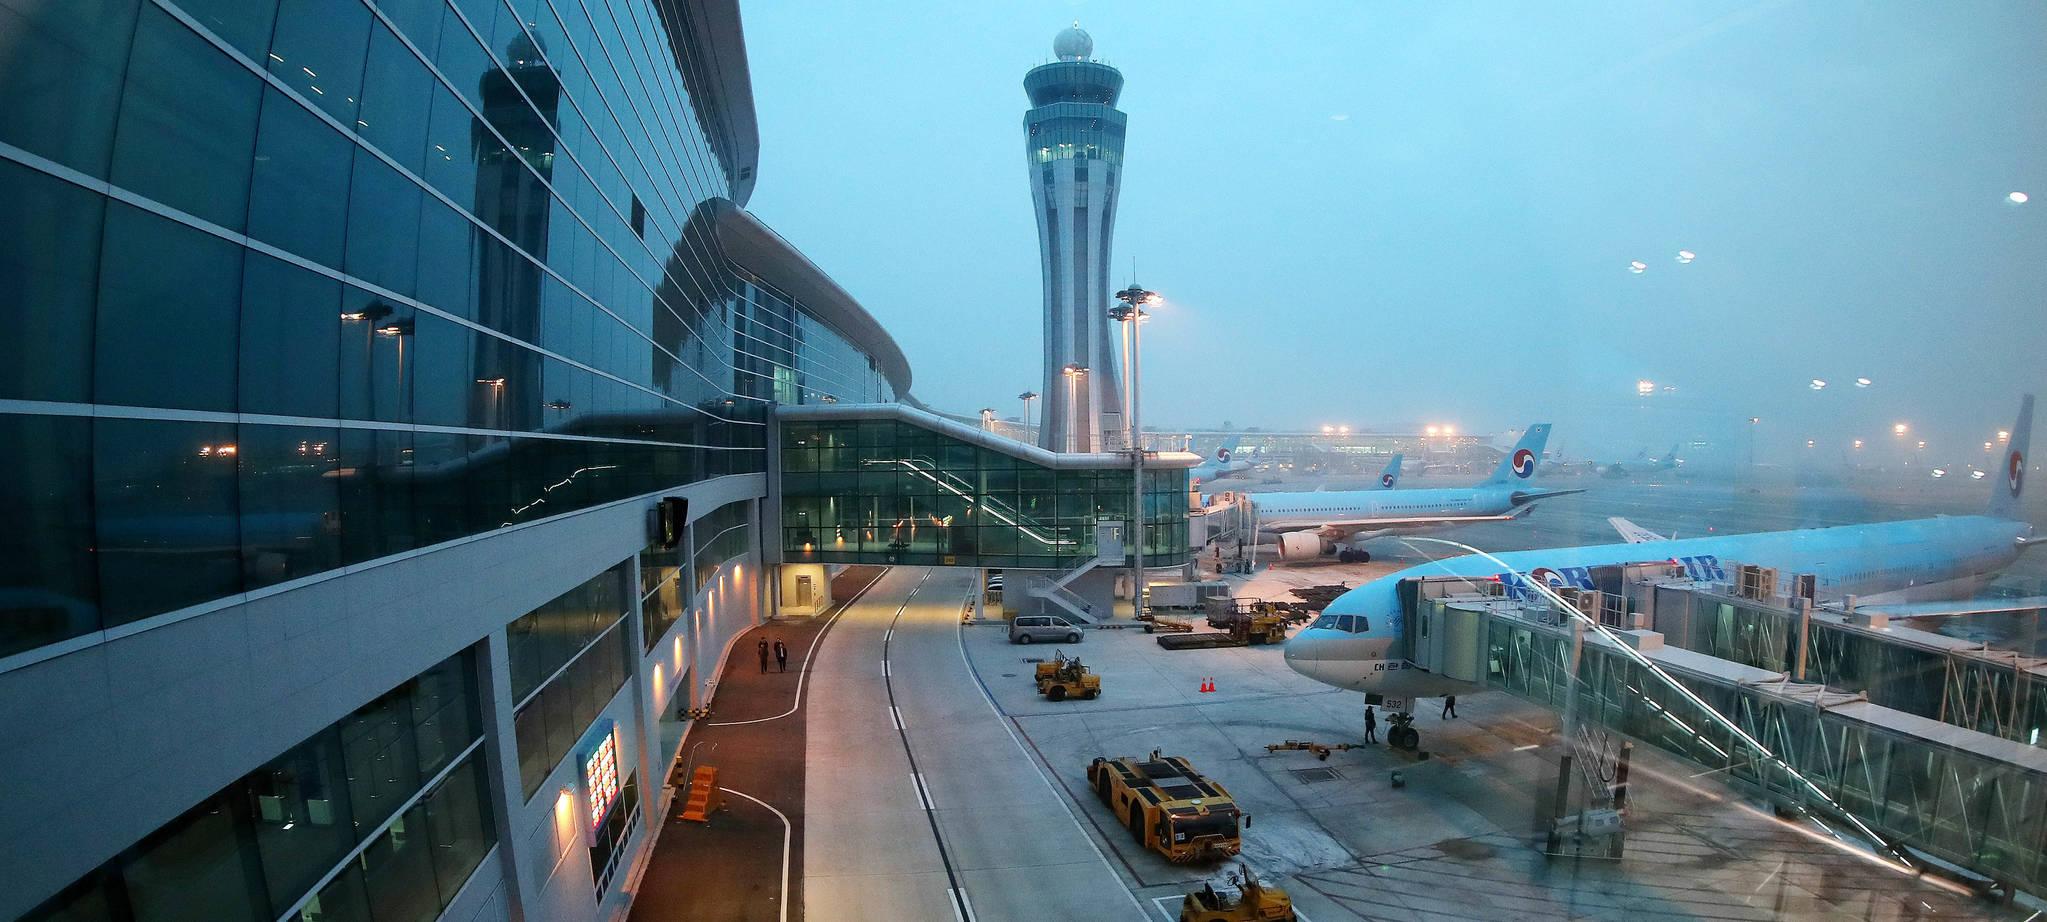 제2터미널이 올초 개항하면서 인천공항은 연간 7000만명 넘는 여객을 처리할 수 있게 됐다.[중앙포토]